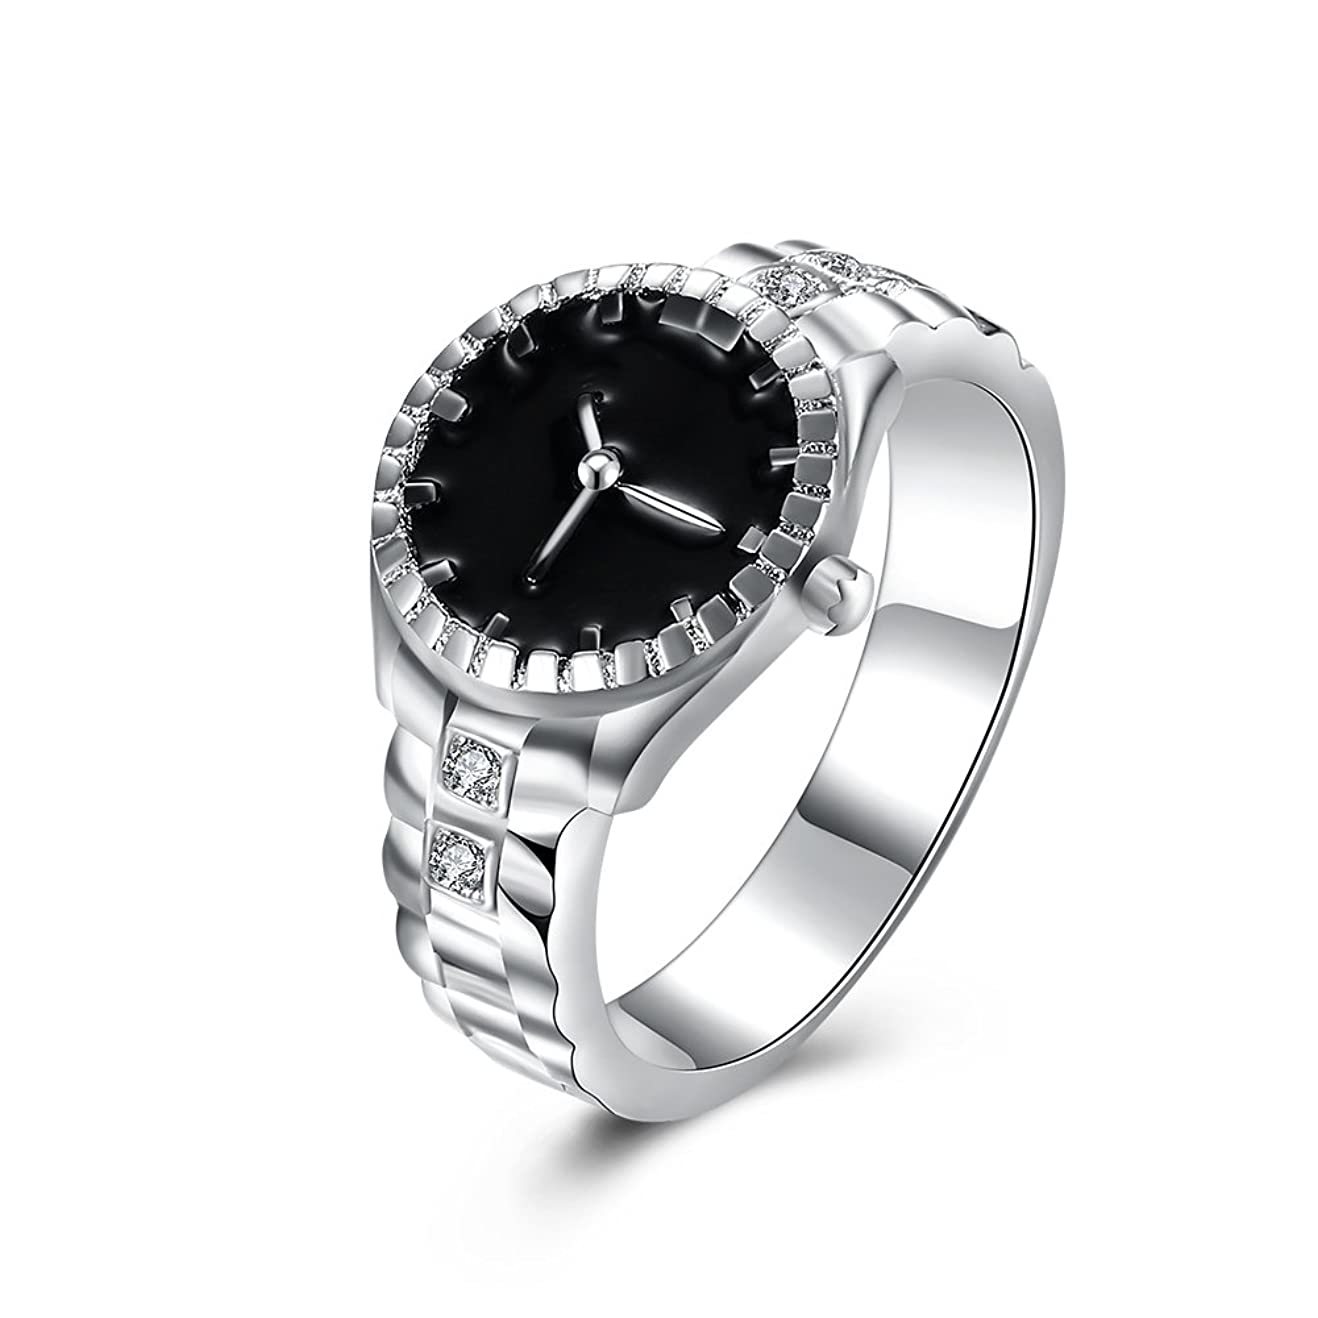 弾丸フラグラント貪欲925スターリングシルバーメッキ時計型ダイヤモンドリングファッションジュエリー周年記念ギフト (マルチカラー)